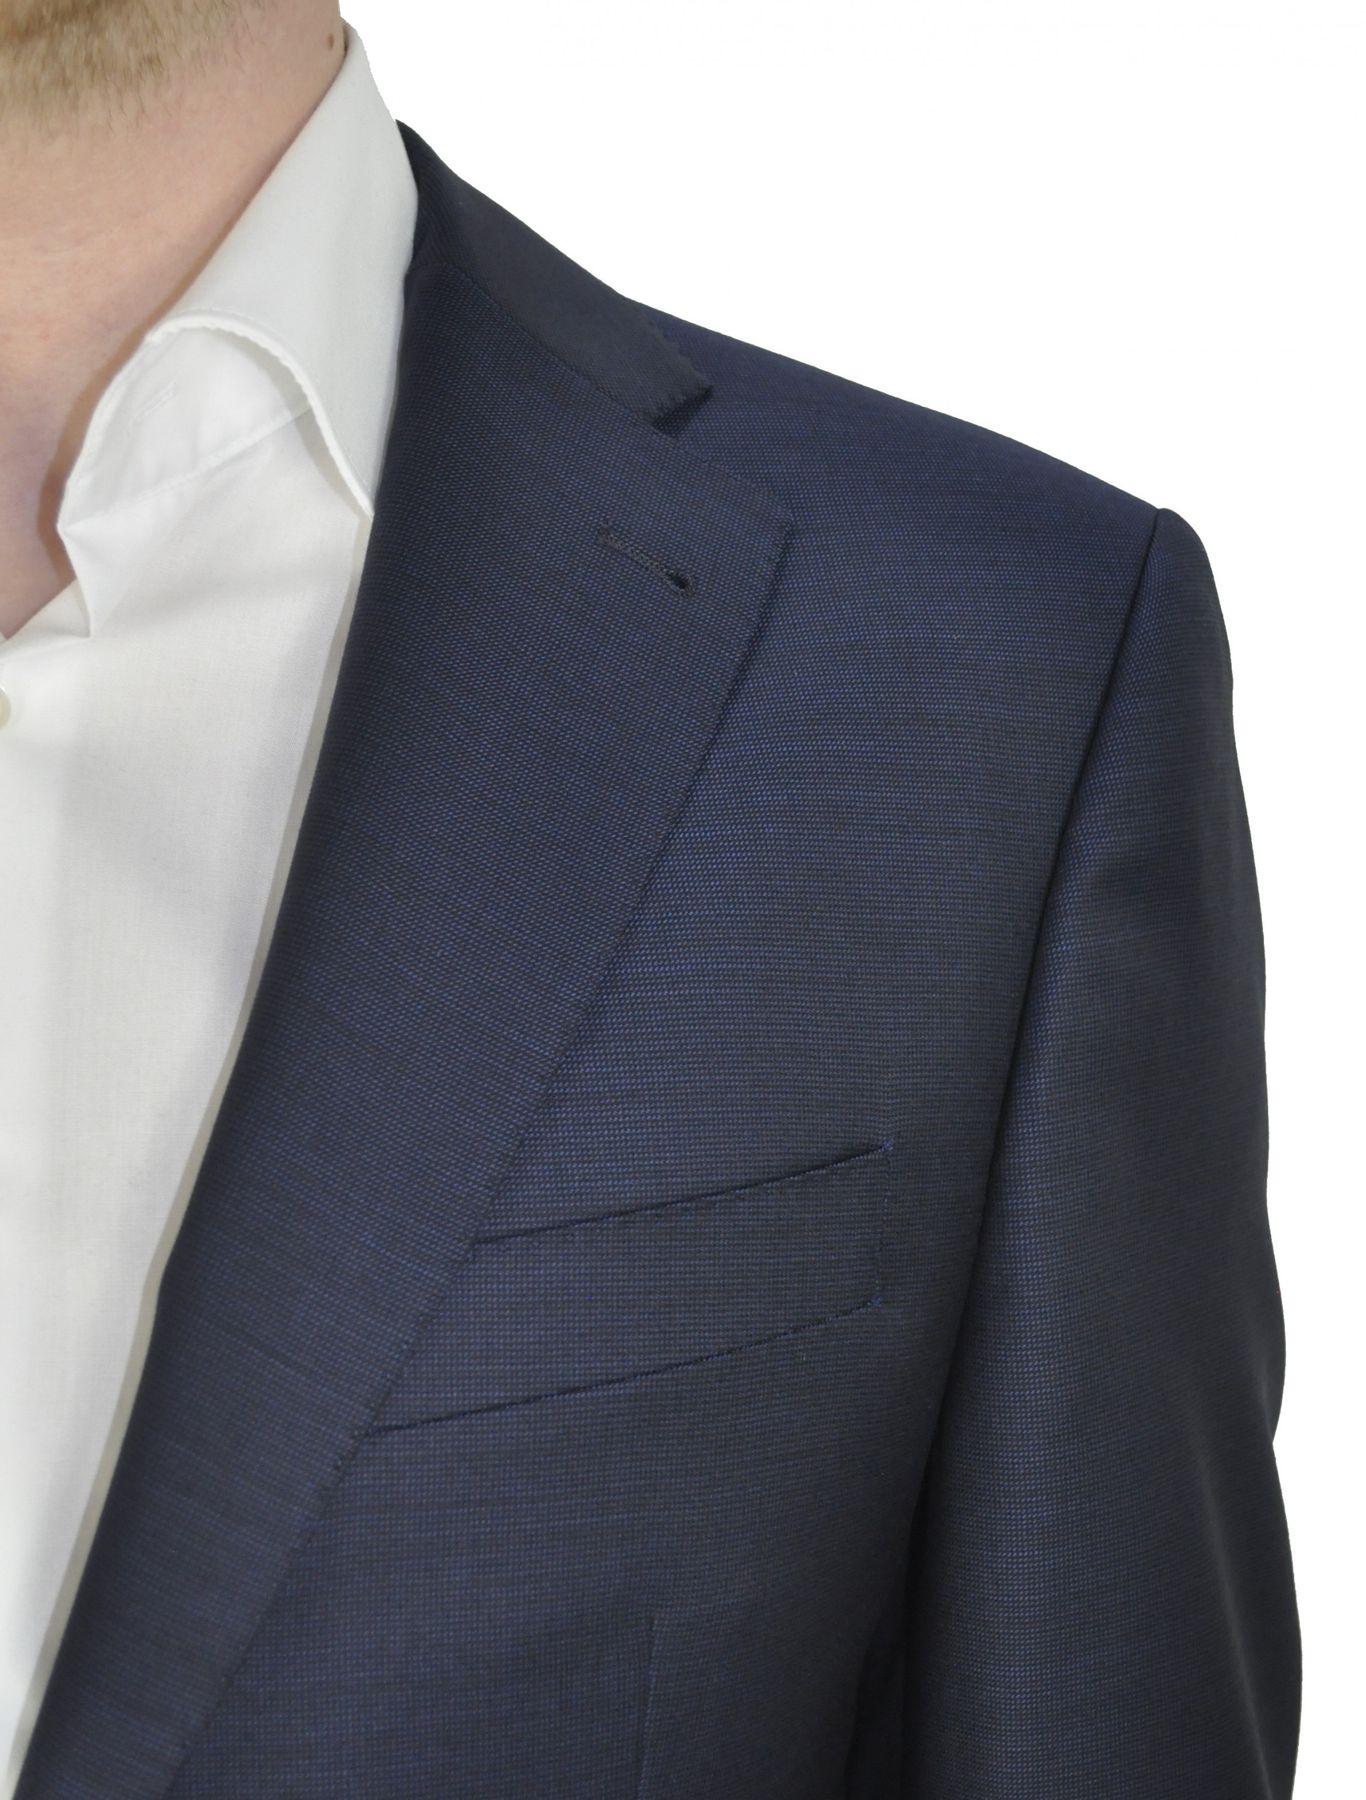 Barutti - Tailored Fit - Herren Sakko aus reiner Super 120'S Schurwolle, Meliert, 900 8005 (Tarso AMF) – Bild 4